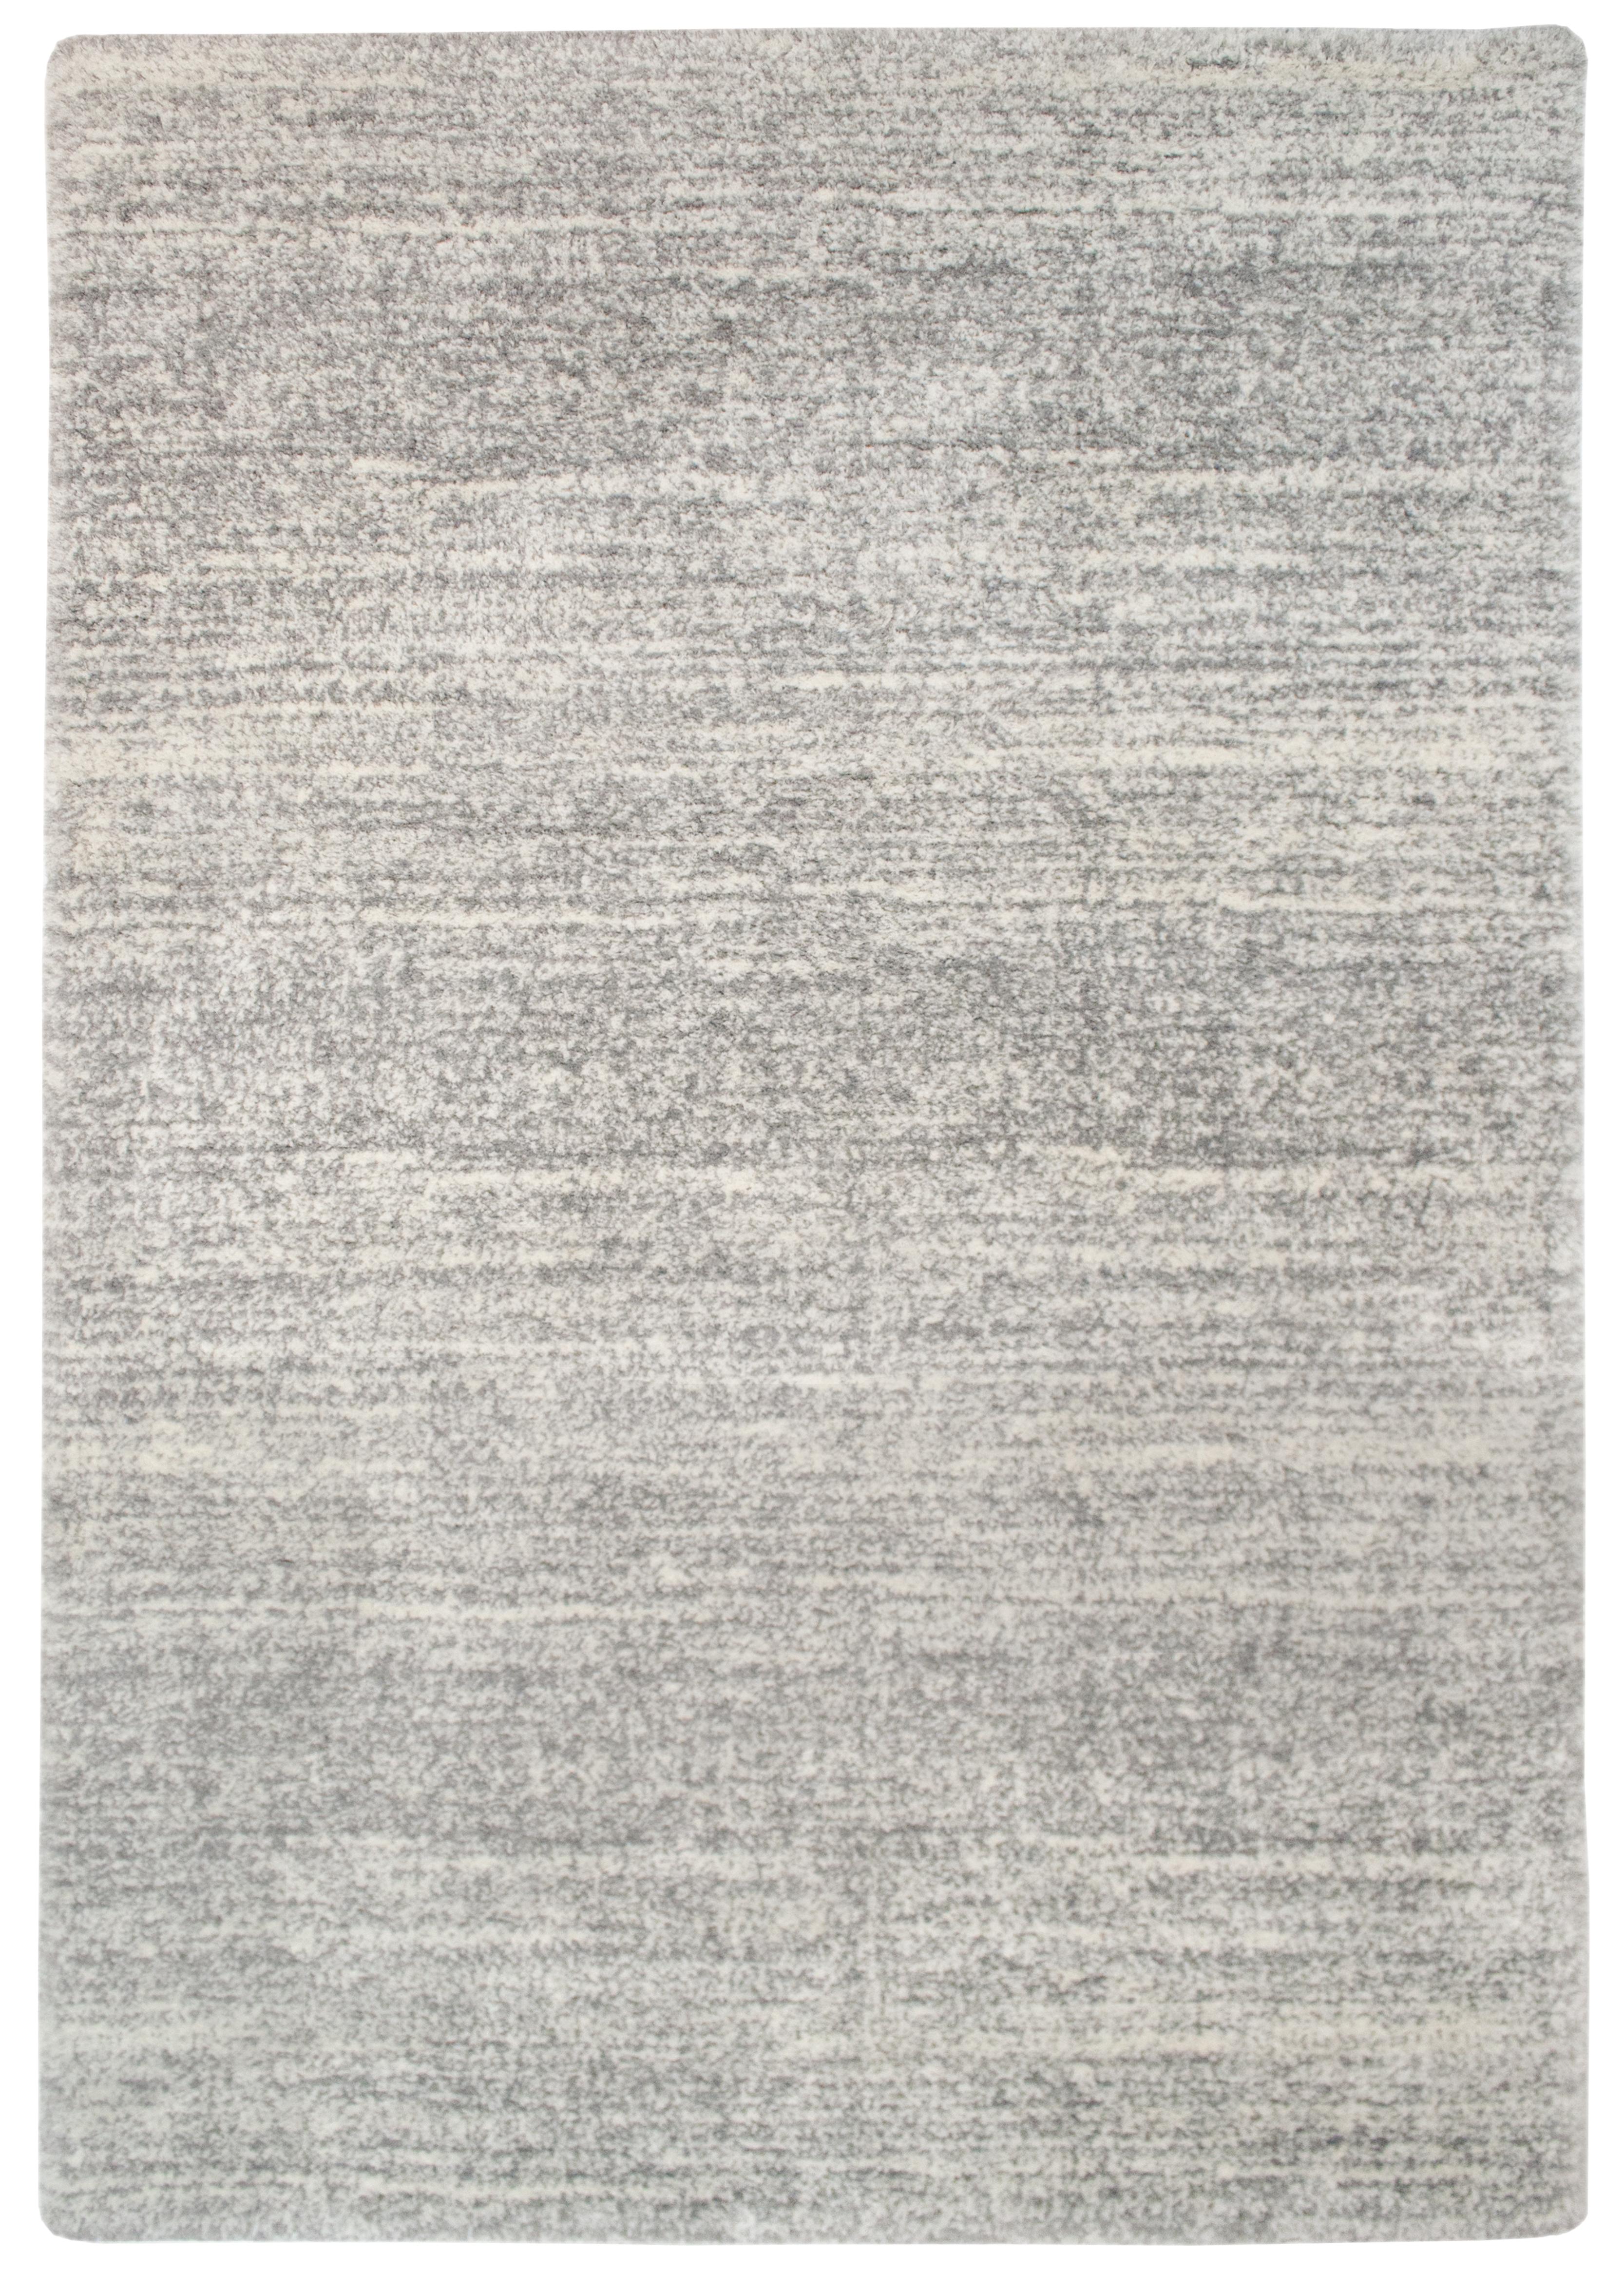 Delgardo-496-01